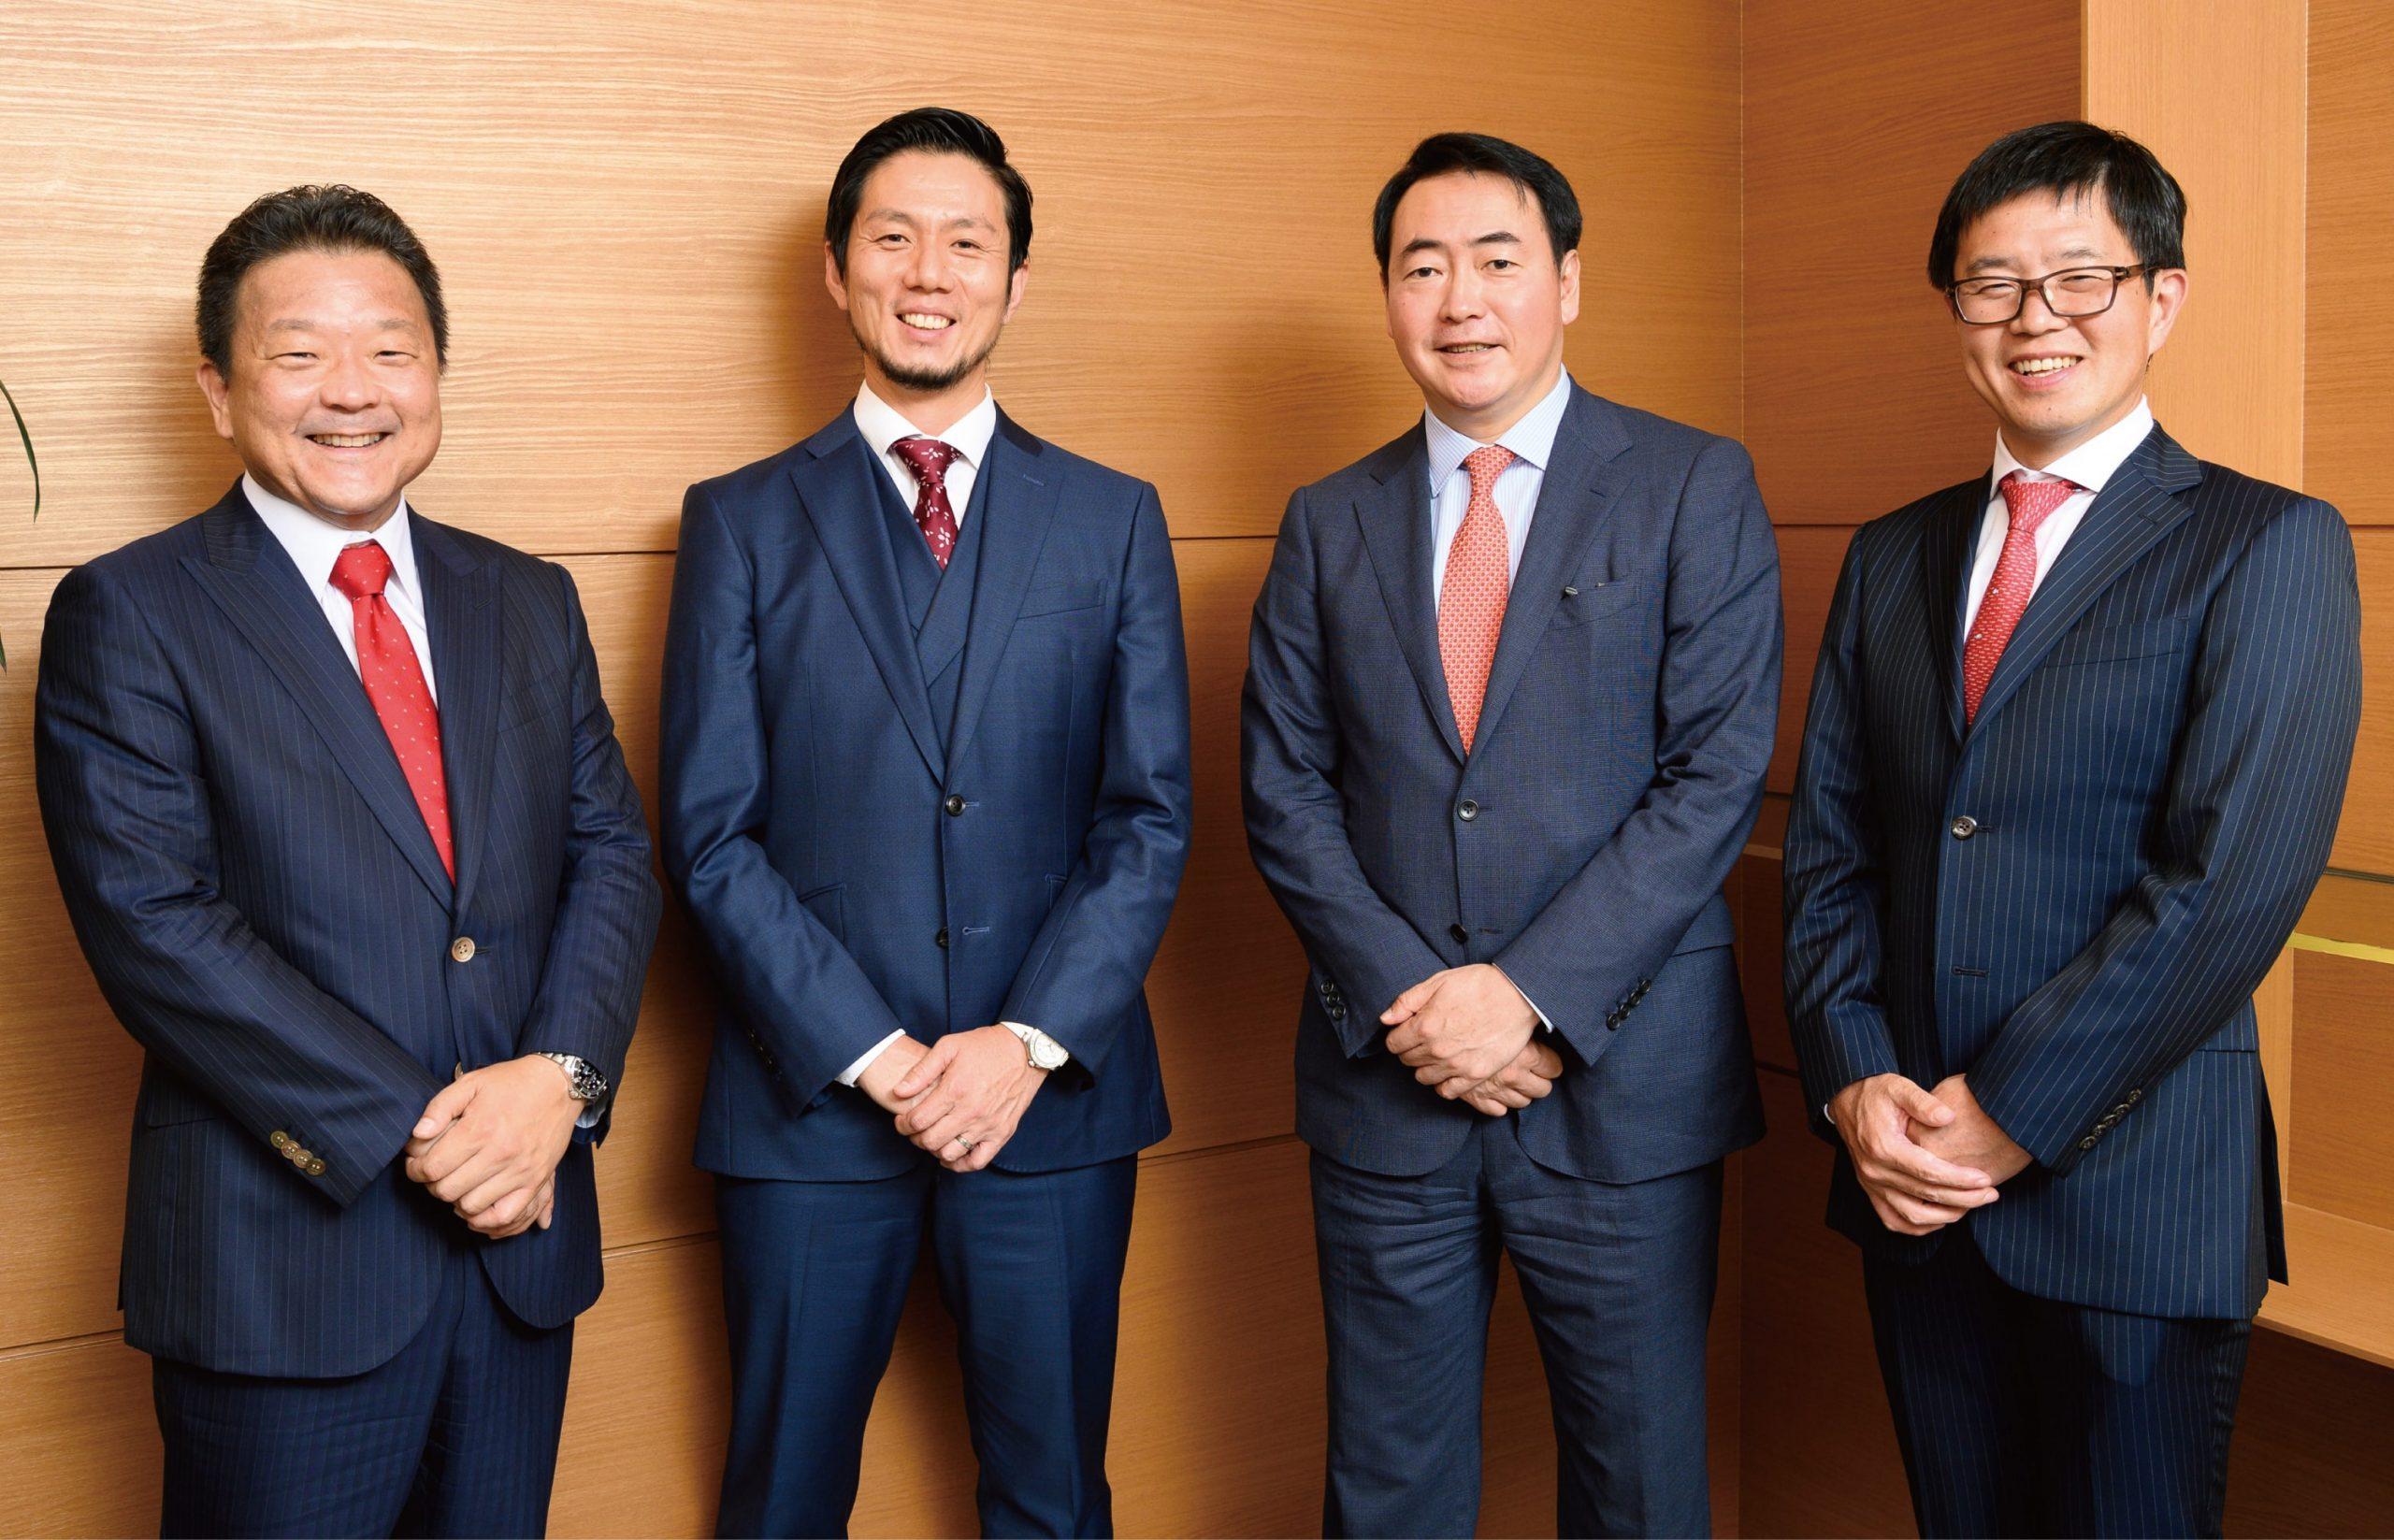 キャストグローバルグループ